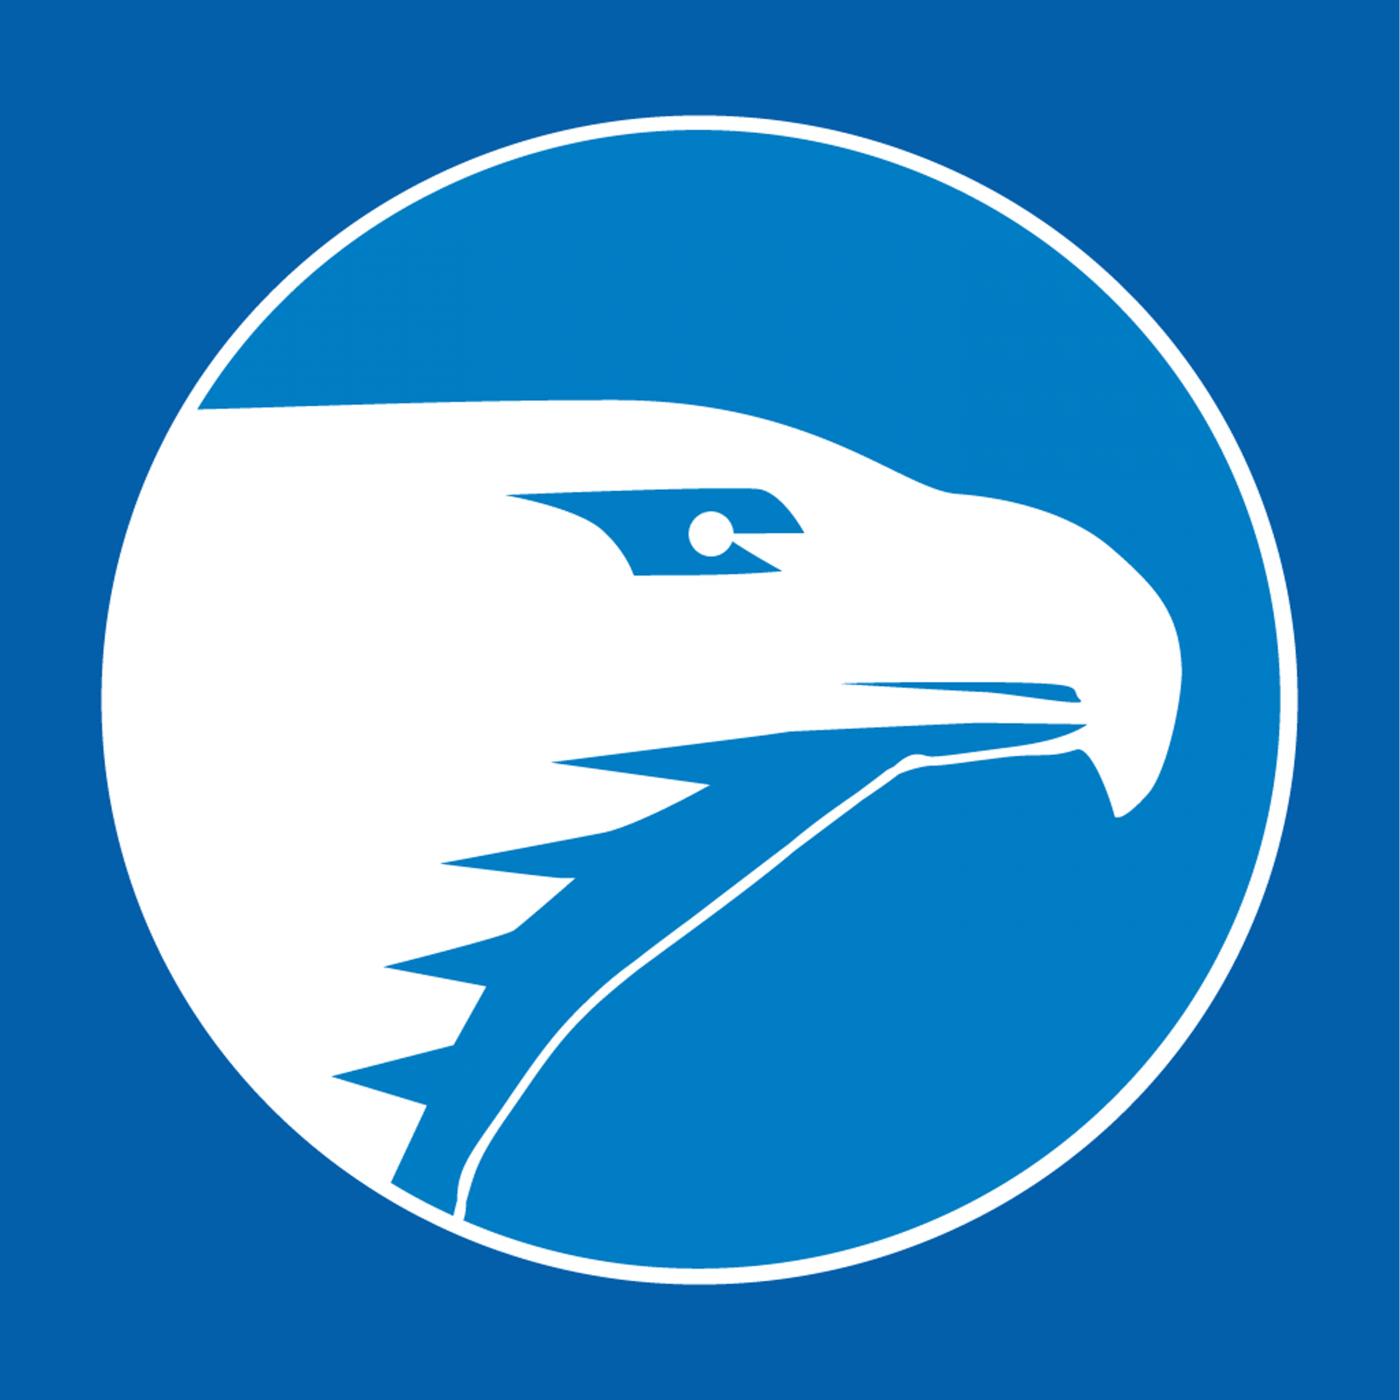 The Wichita Eagle 11/5/19